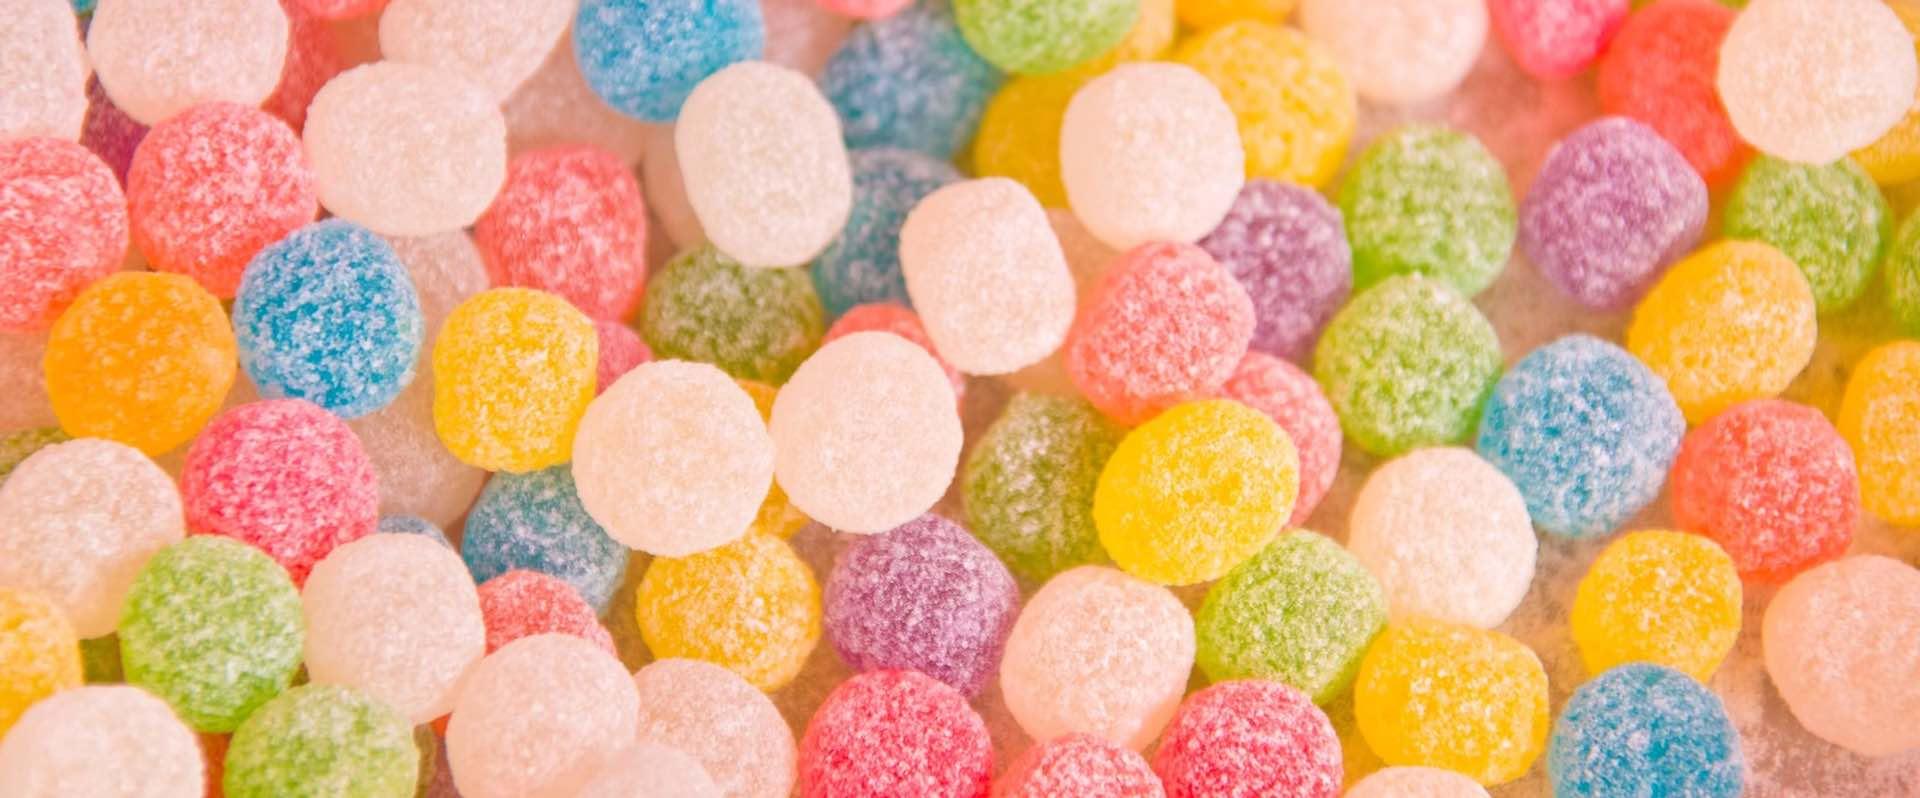 高血壓及腎臟病患注意 年節這些零食要忌口